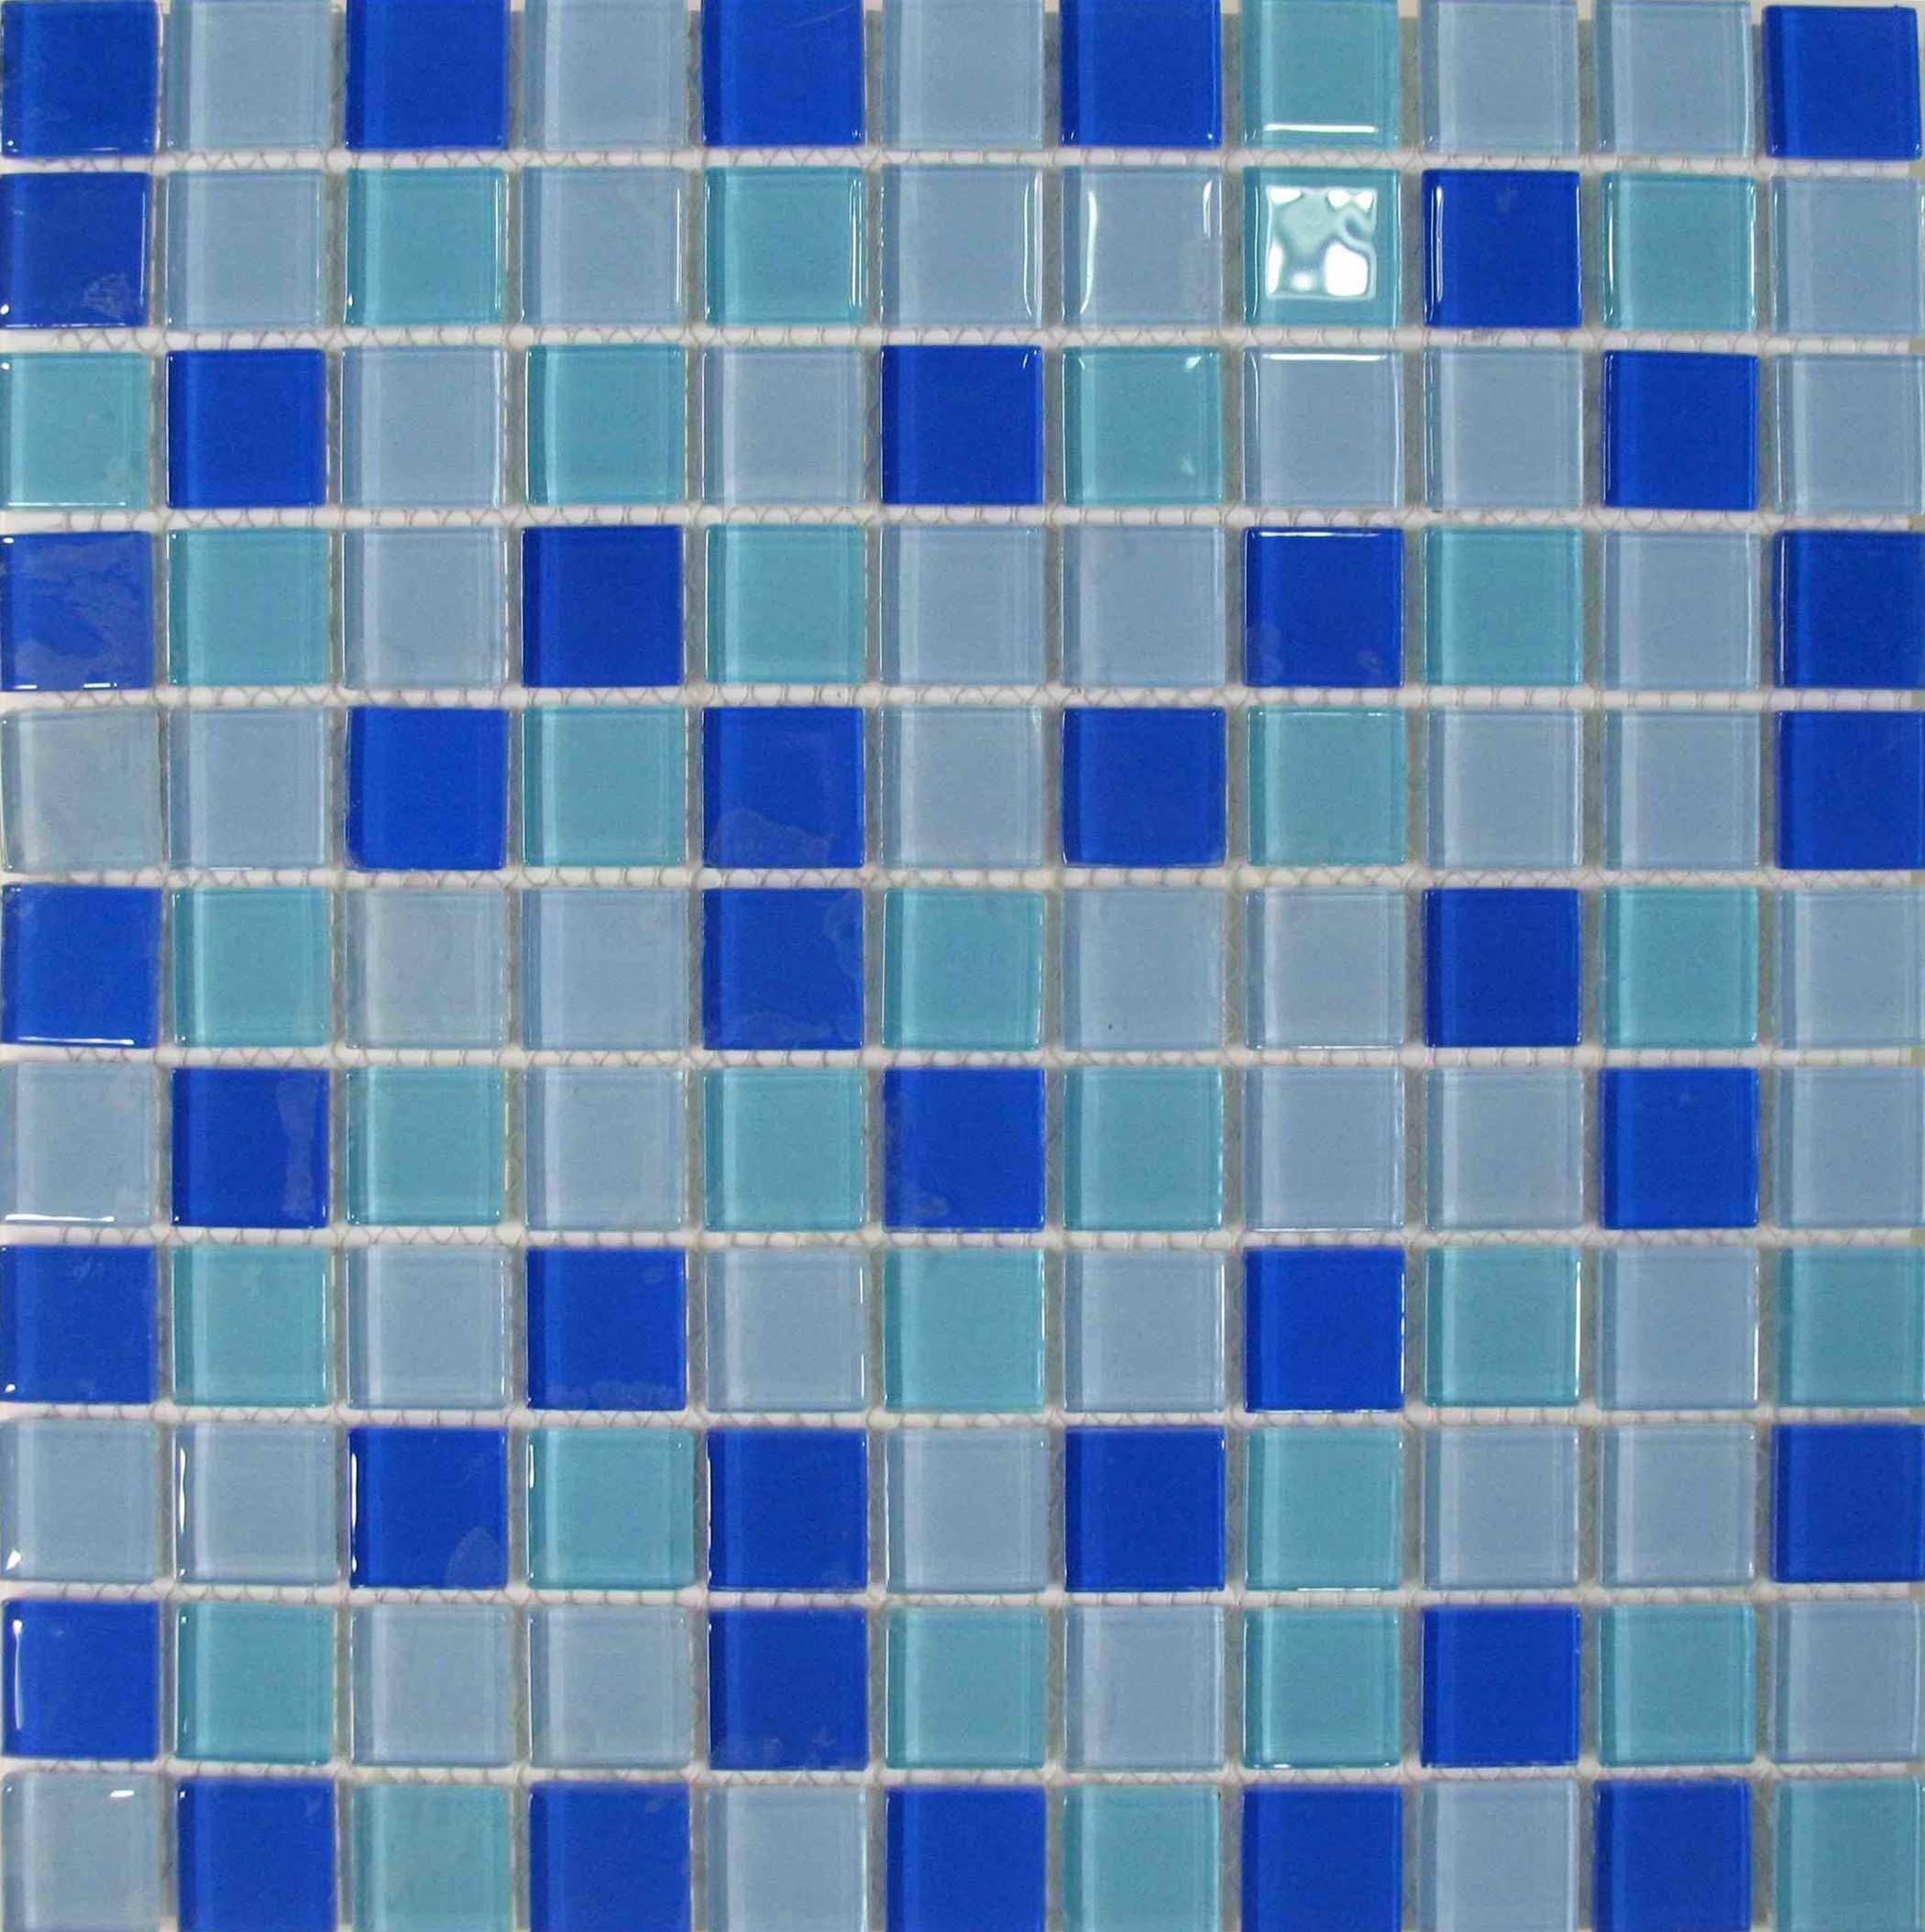 Azulejos Baño Vidrio: azulejo de mosaico del cuarto de baño, vidrio del azulejo de mosaico